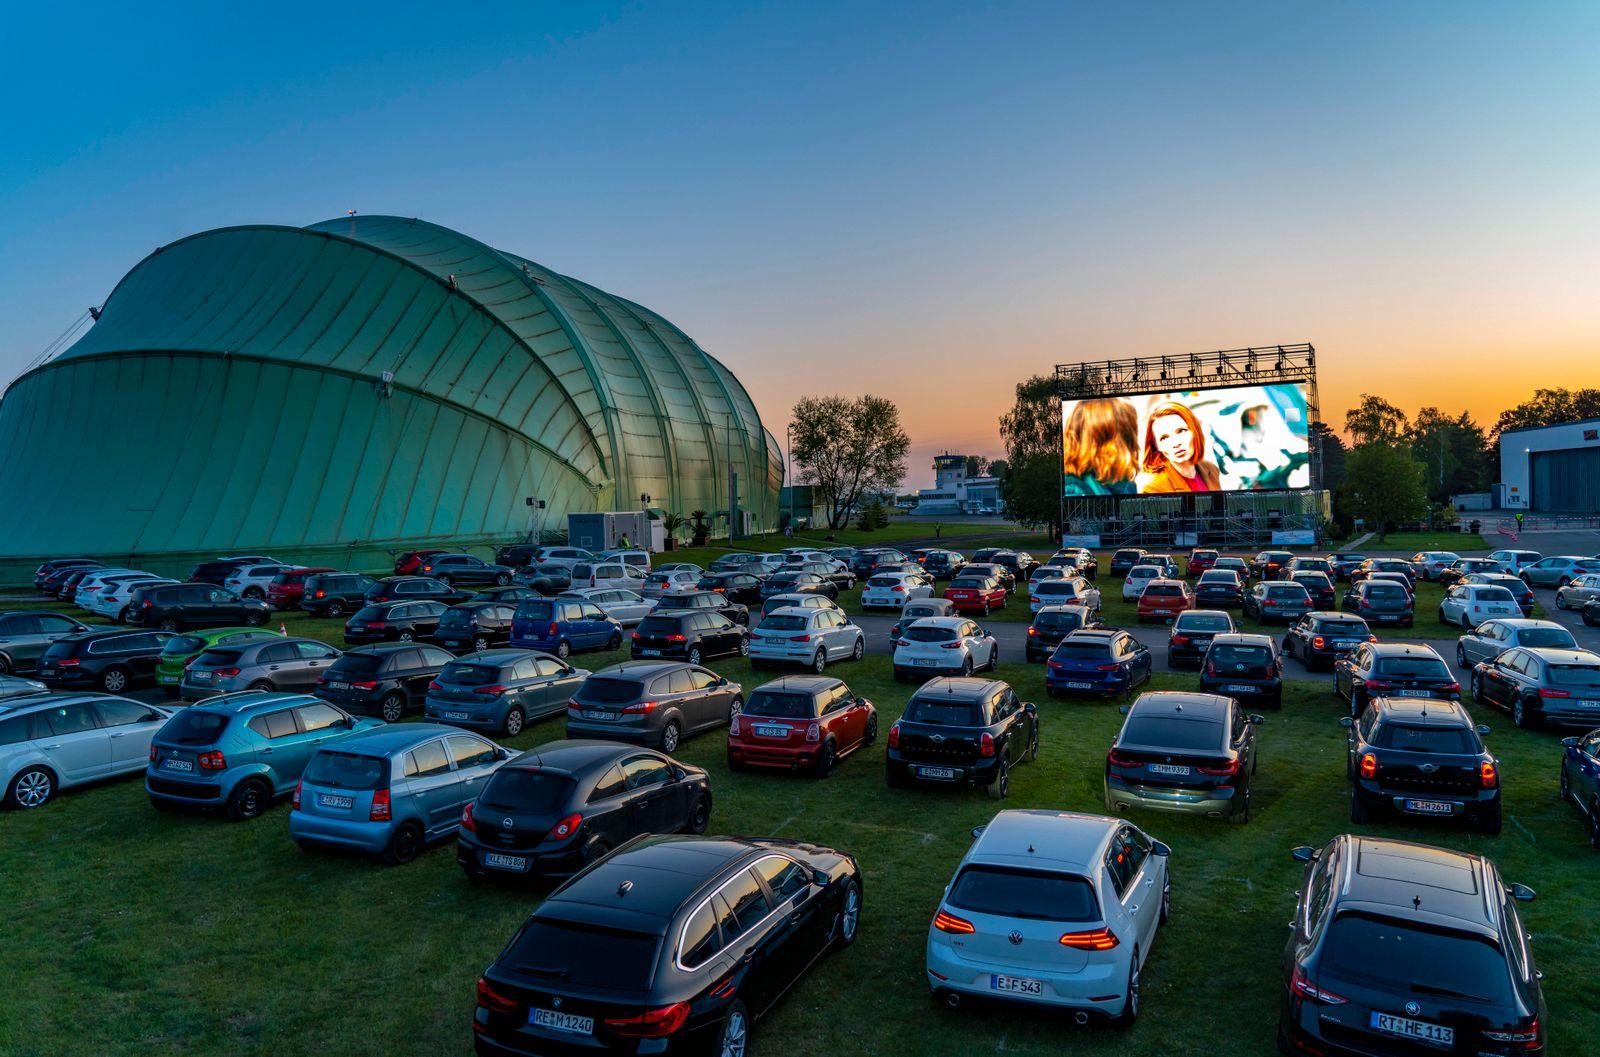 News Bilder des Tages Autokino am Flughafen Essen/Mülheim Motor Movies, temporäre Filmvorführung, am WDL Luftschiff Hang